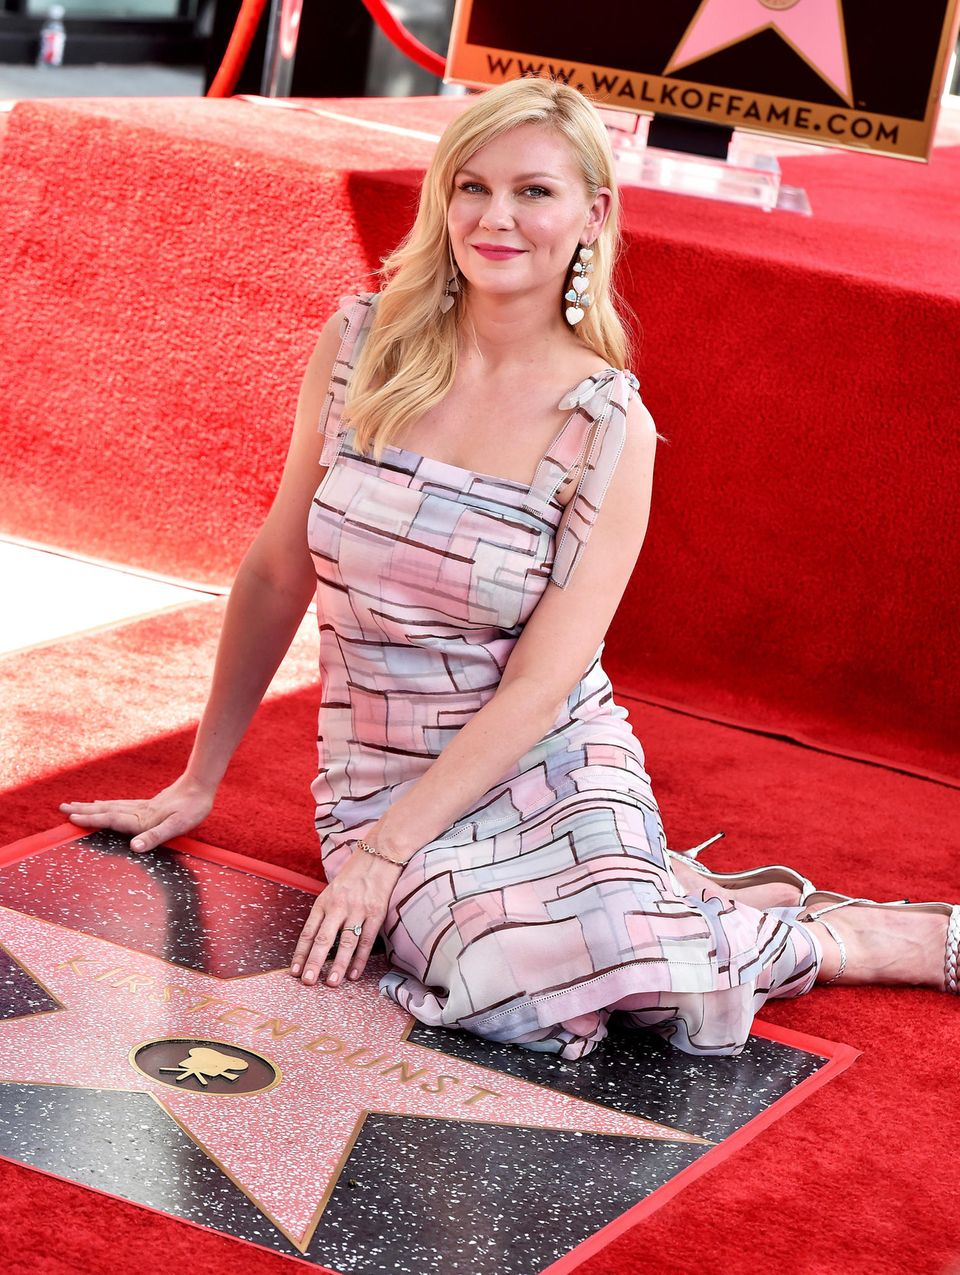 """29. August 2019  Kirsten Dunst hat jetzt ihren eigenen Stern auf dem legendären """"Walkof Fame"""" in Hollywood bekommen. Stolz posiert die Schauspielerin im farblich abgestimmten Outfit auf ihrem """"Meilenstein""""."""